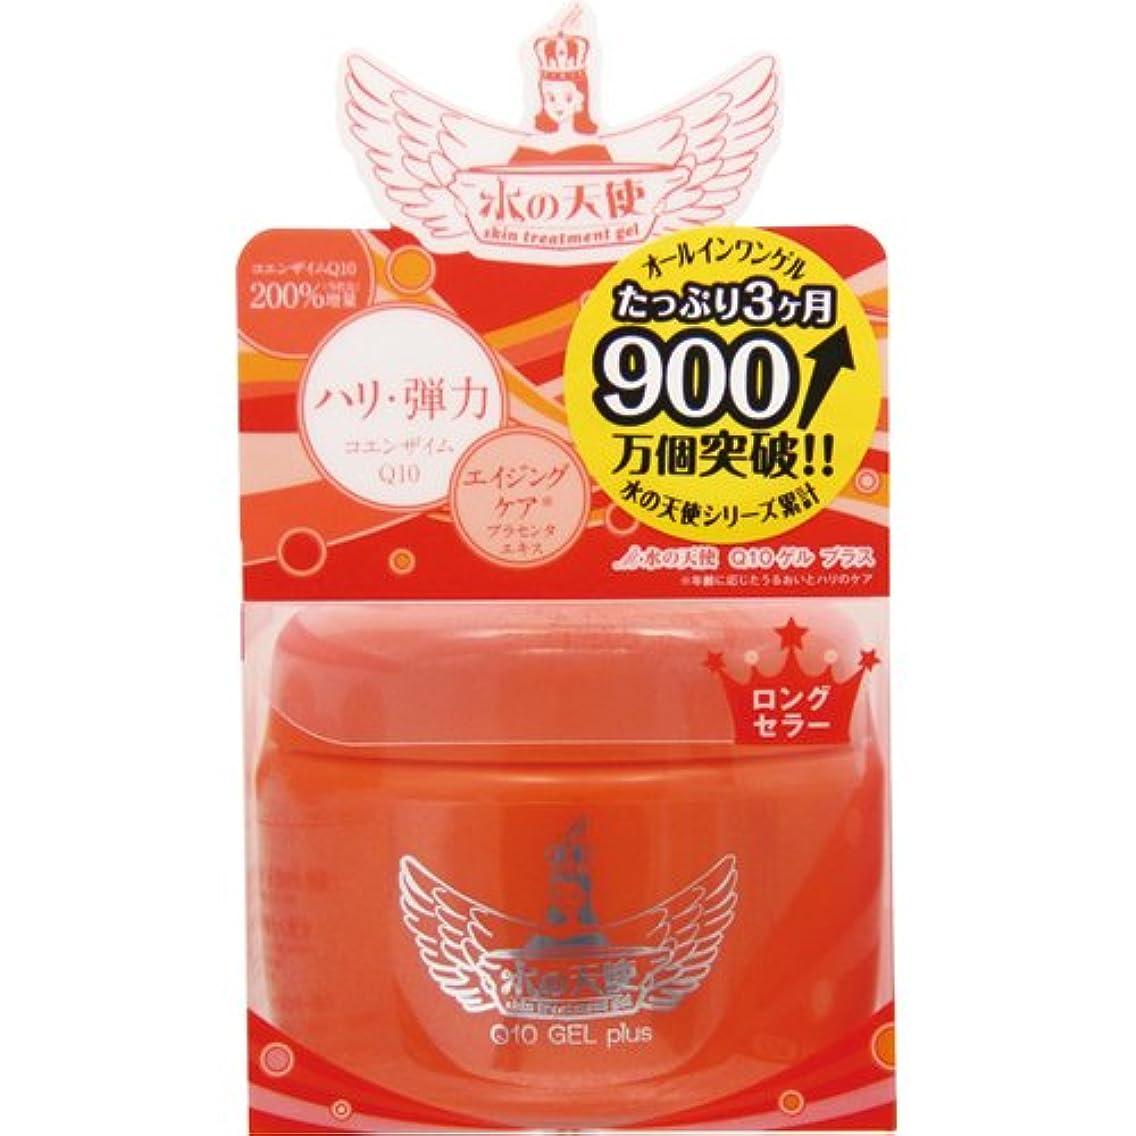 ソースクラックペンフレンド水の天使 Q10ゲルプラス 150g